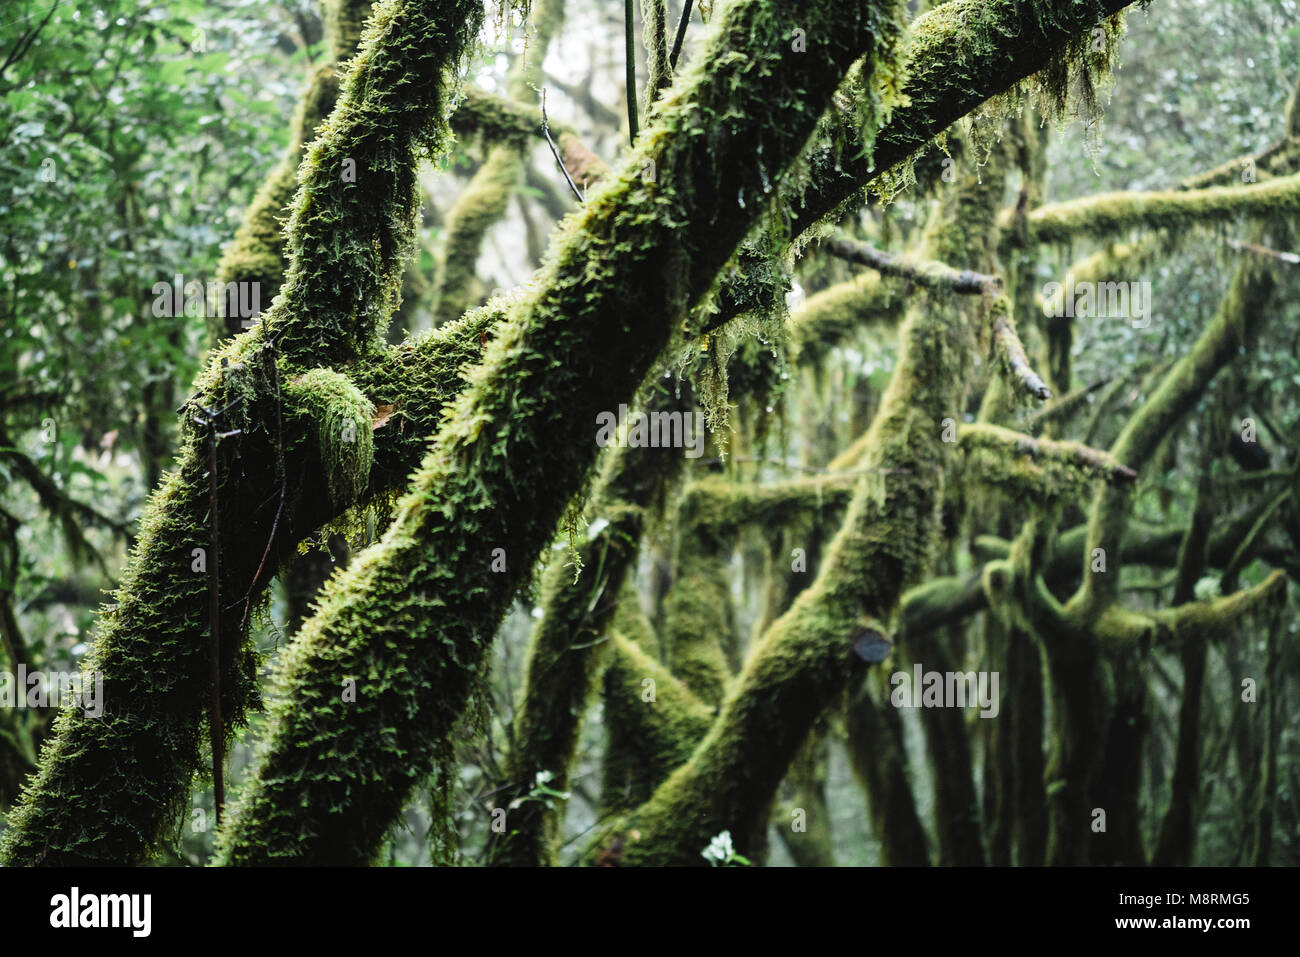 Nahaufnahme der bemooste Zweige von Bäumen im Wald am Nationalpark Garajonay Stockfoto